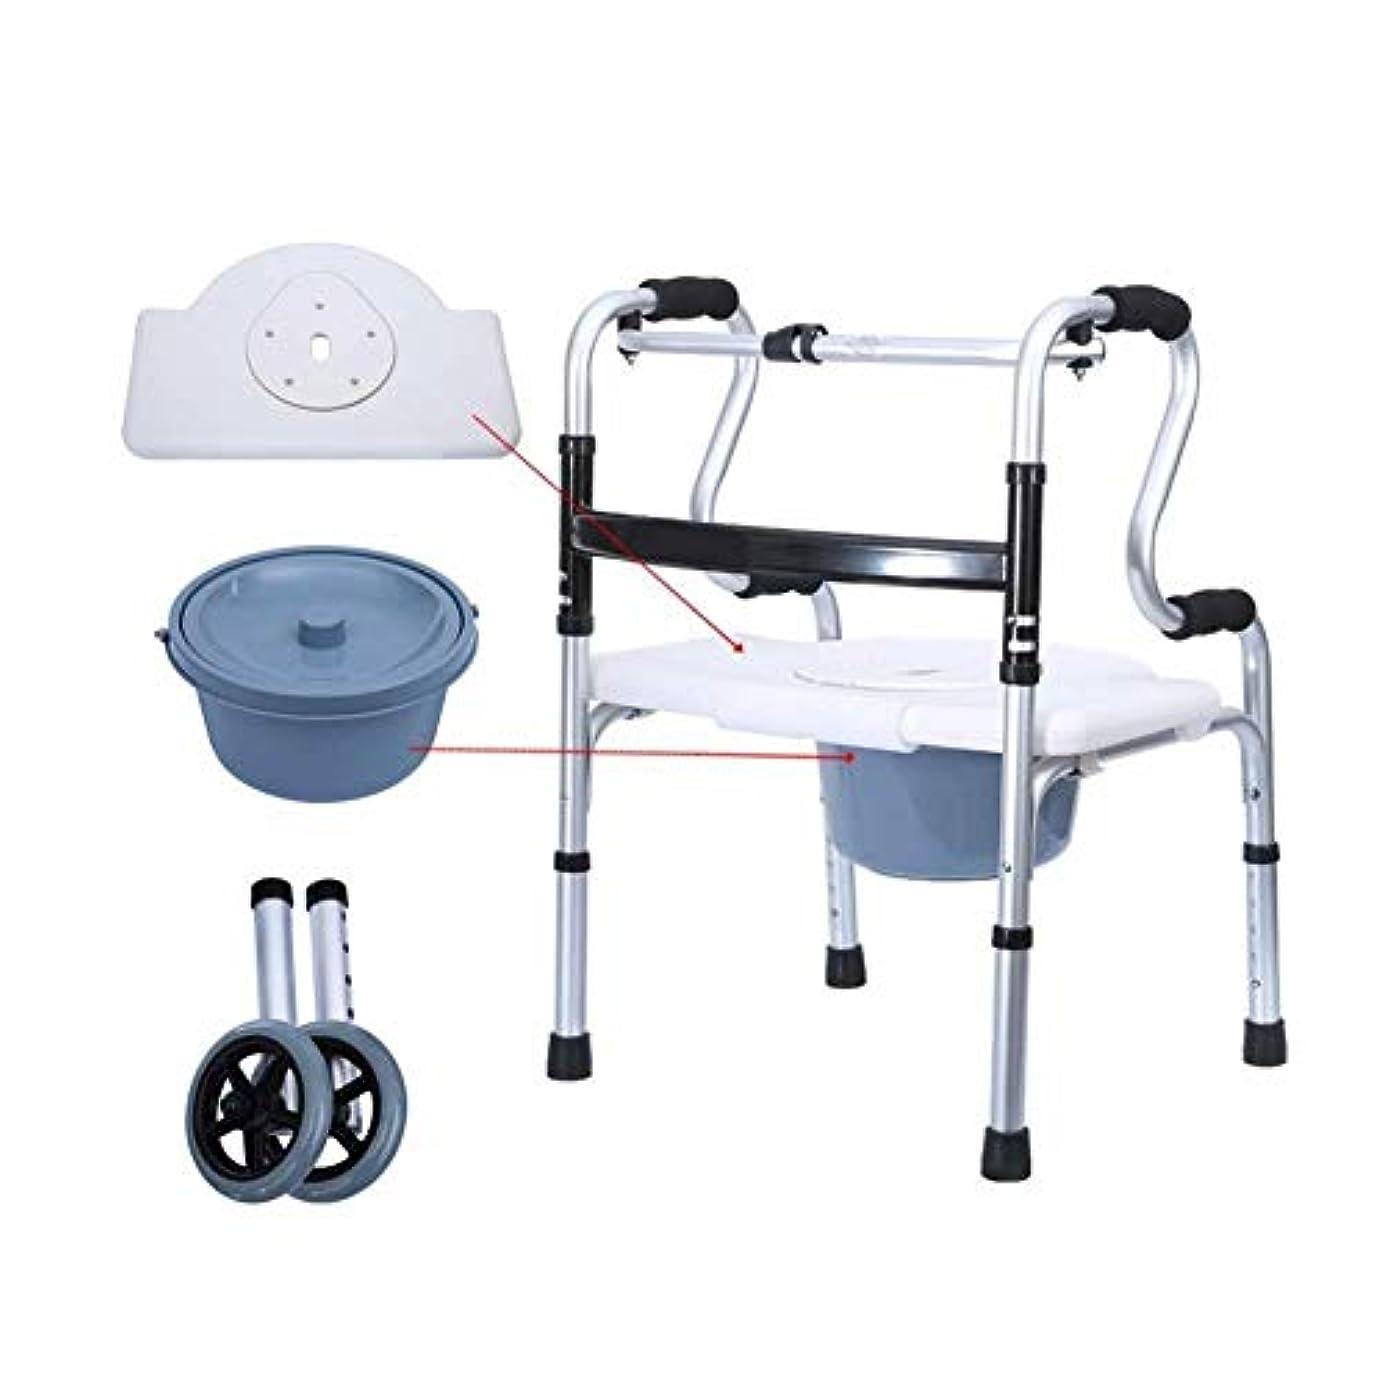 特許物思いにふける睡眠折りたたみ式軽量アルミニウム合金歩行障害者老人用松葉杖歩行補助椅子